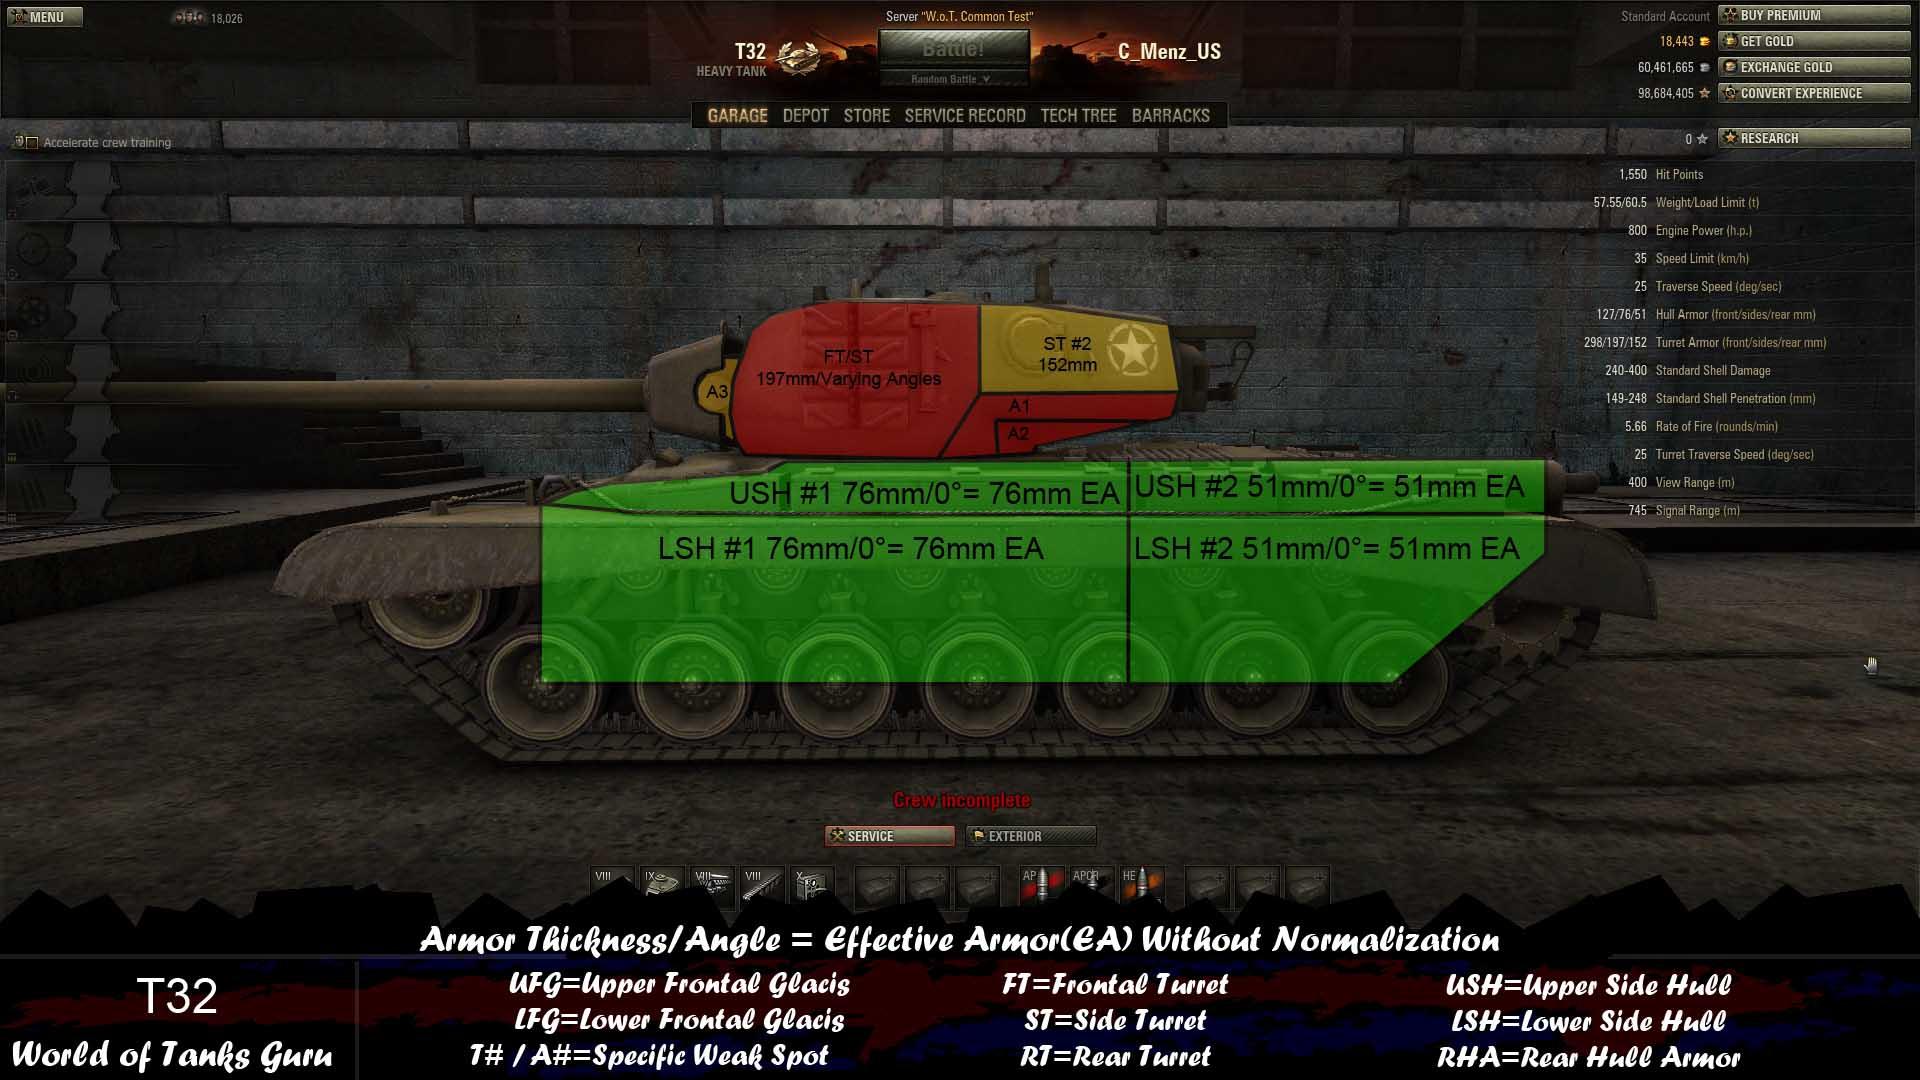 Weak Spot Guide: T32 - World of Tanks Guru